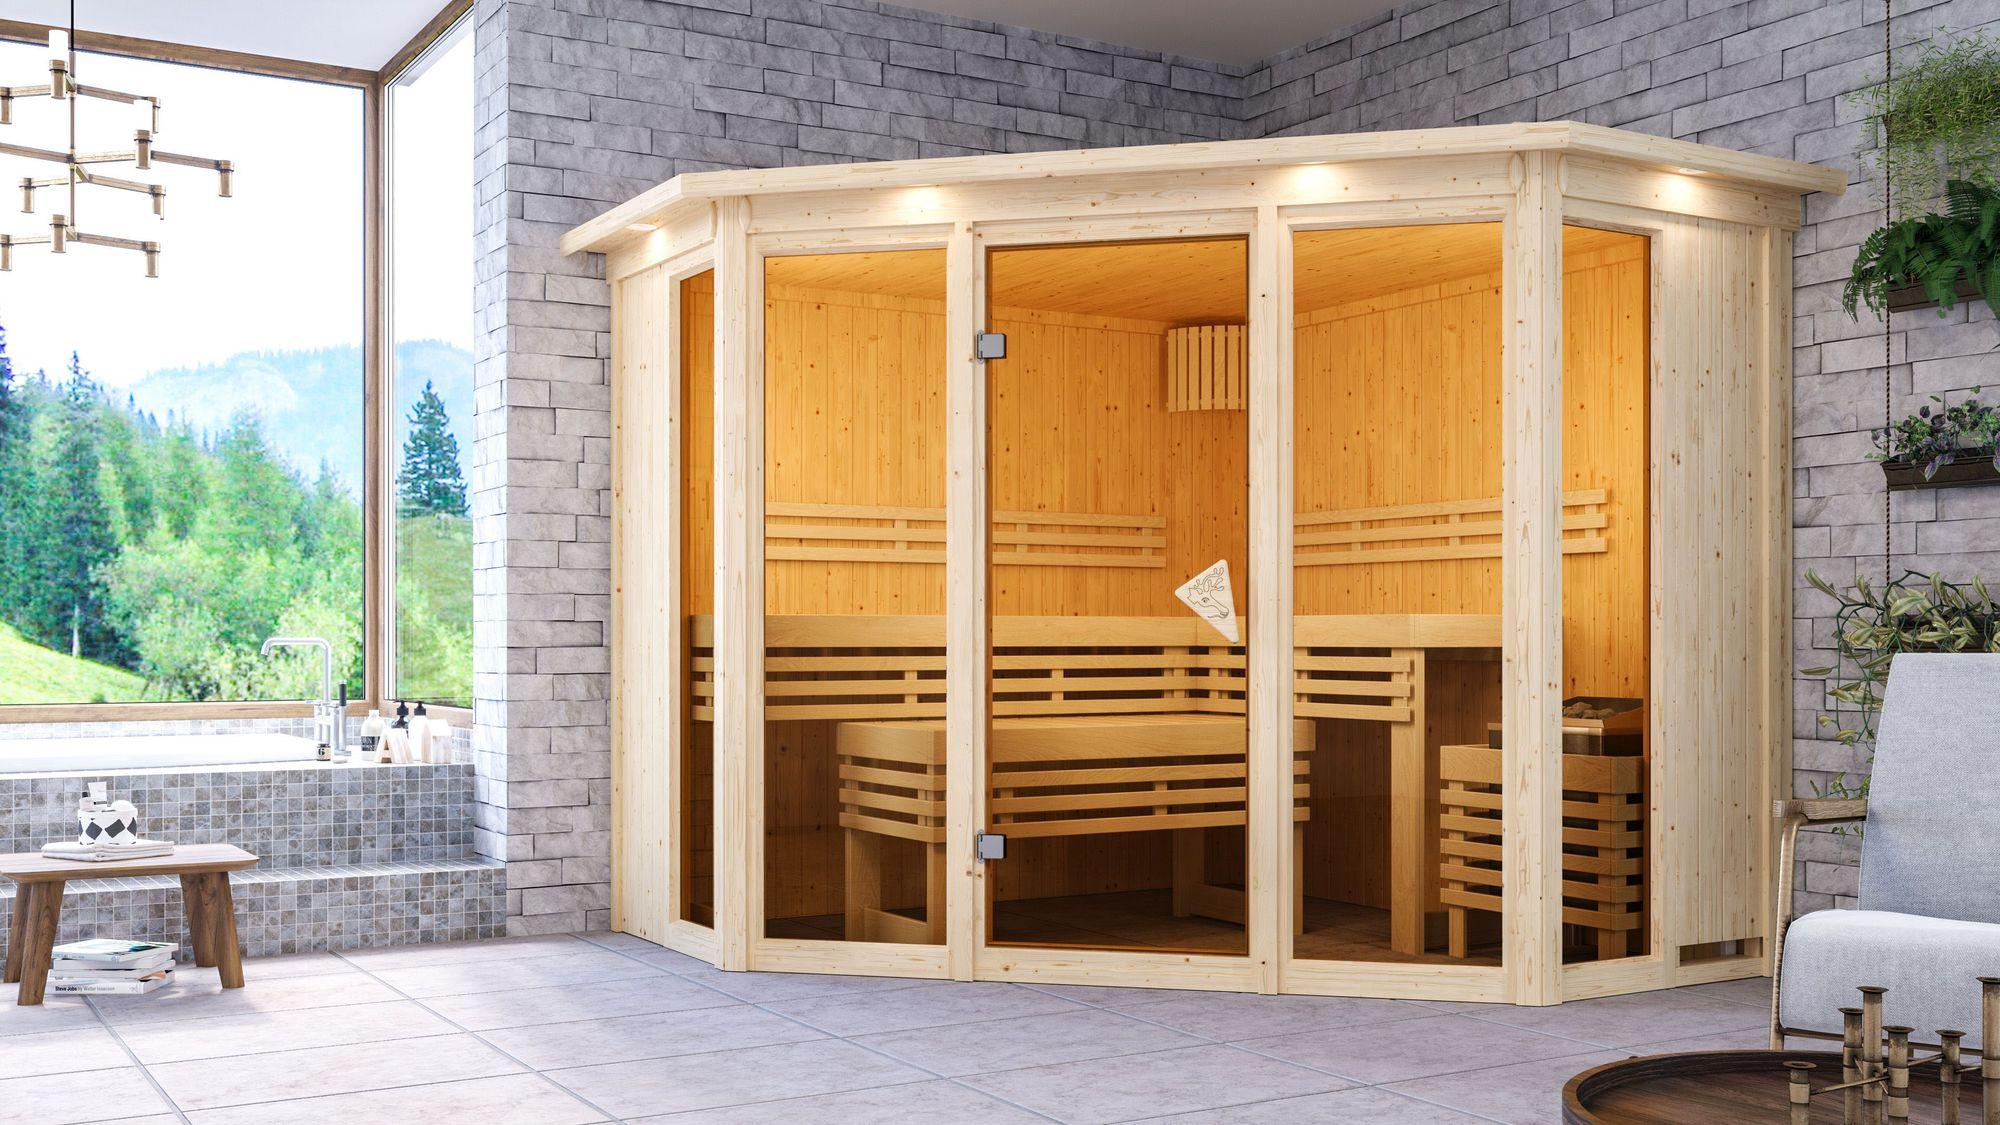 Karibu Sauna 68 mm Systemsauna Superior Alcinda 2 ohne Saunaofen -  Eckeinstieg - mit Dachkranz